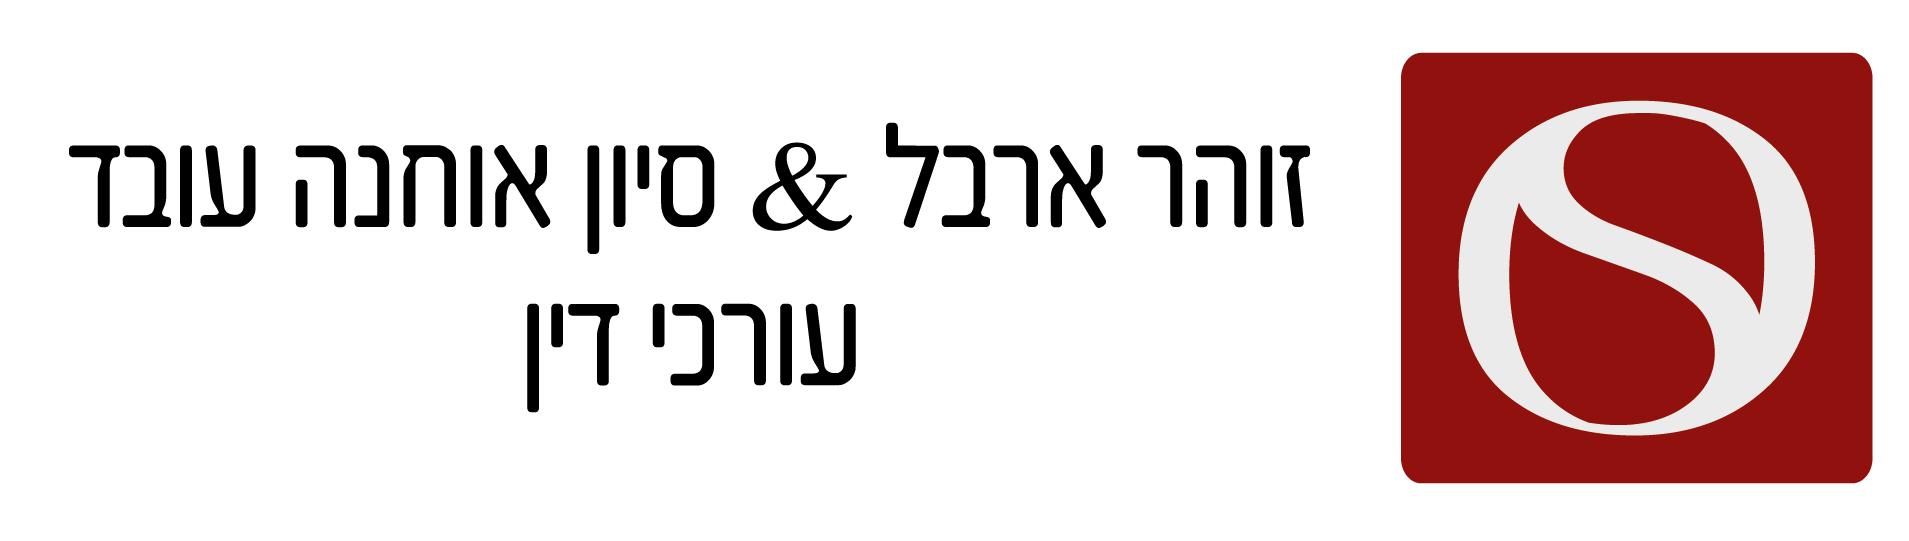 זוהר ארבל & סיון אוחנה עובד, עורכי דין